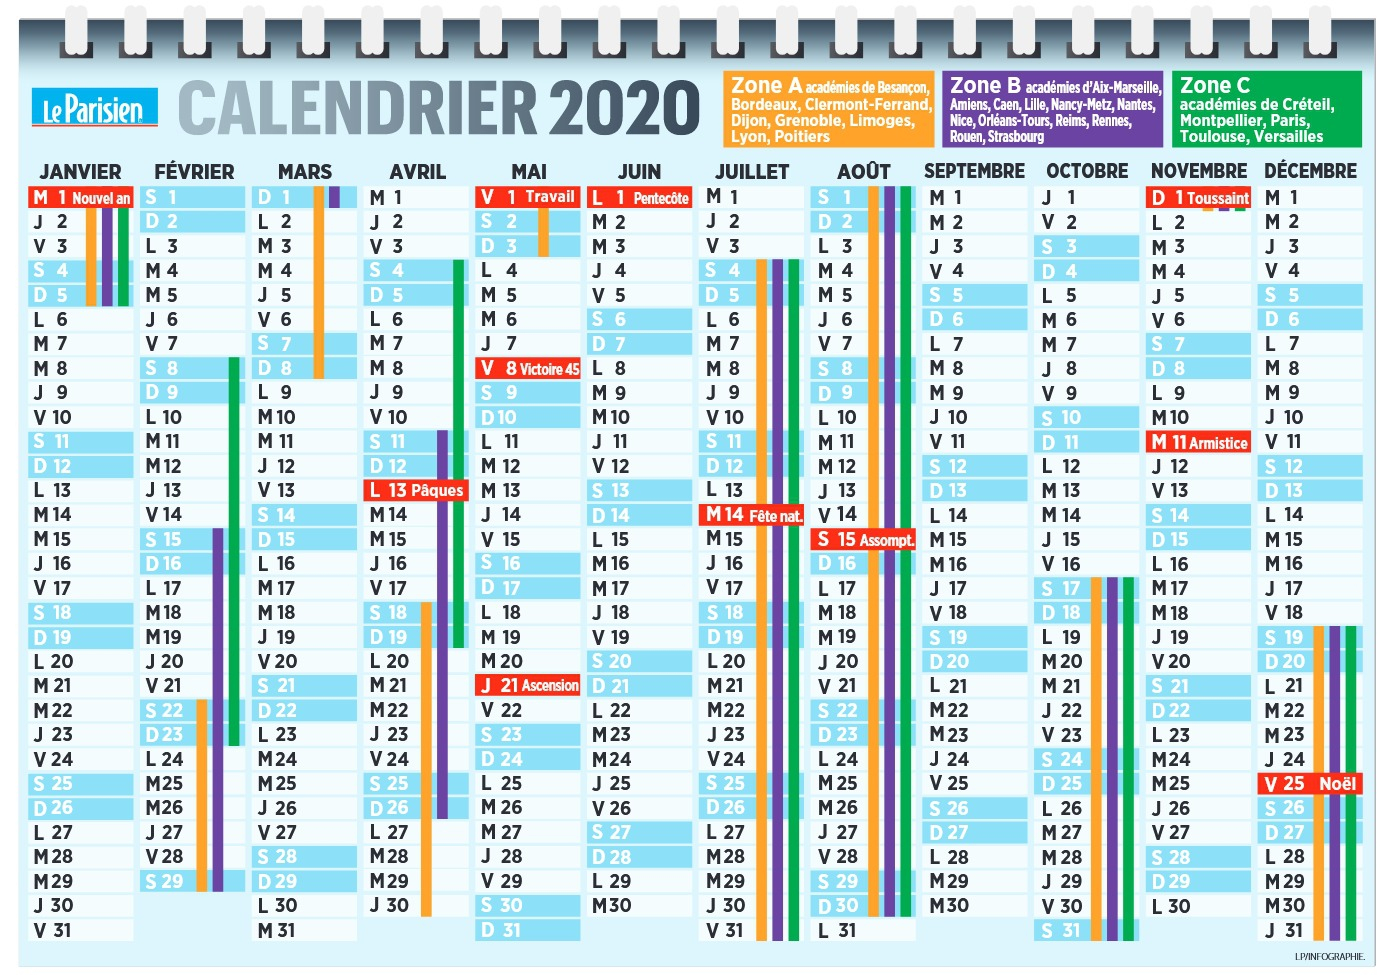 Dates Des Vacances 2019 / 2020 De La Rentrée 2020 - Pratique avec Calendrier 2019 Avec Jours Fériés Vacances Scolaires